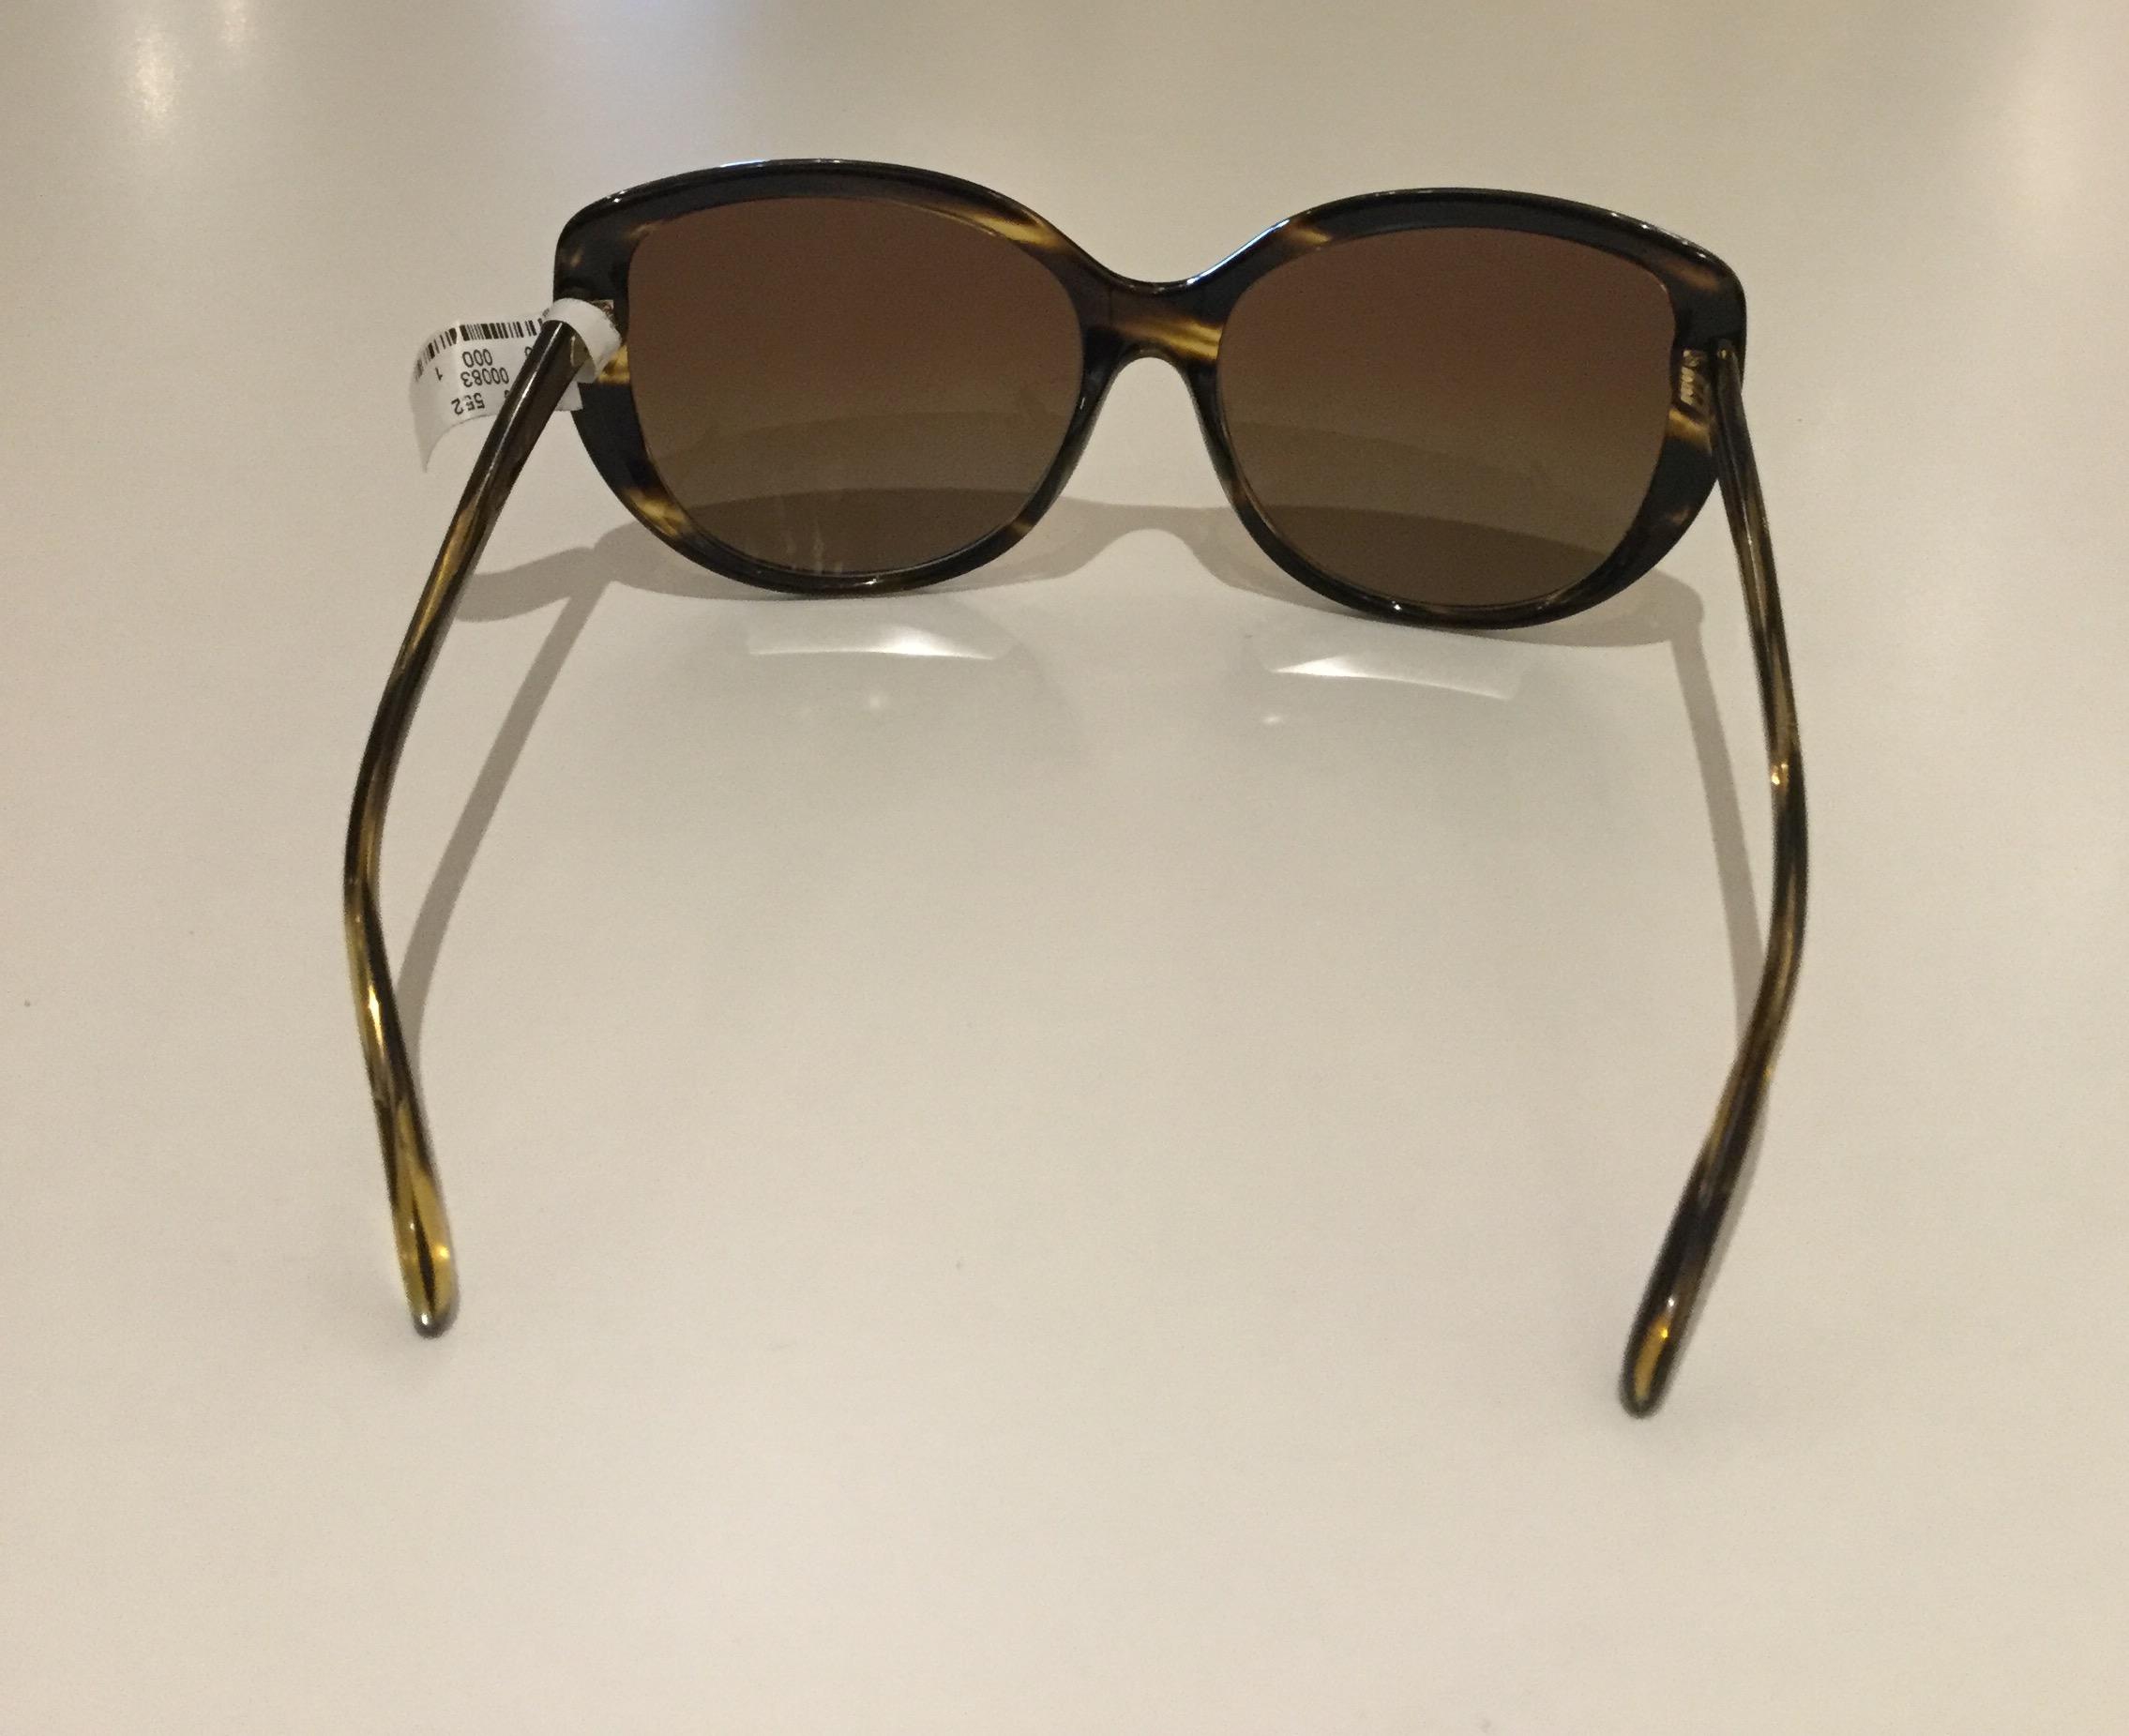 Oliver-Peoples-Sunglasses_59207B.jpg